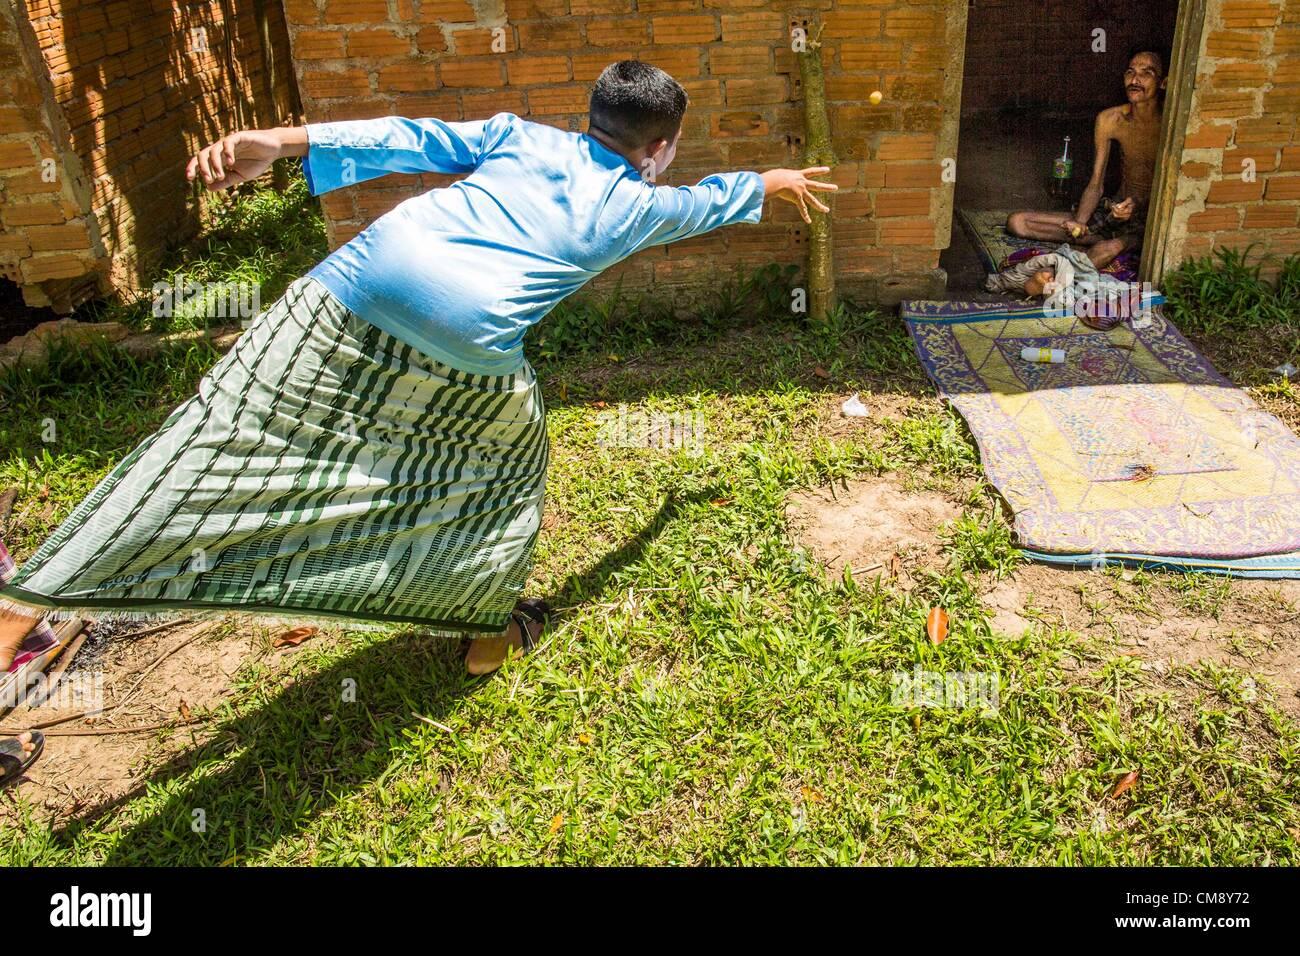 Ottobre 29, 2012 - Mayo, Pattani, Tailandia - un quartiere boy getta frutto di un paziente presso il Bukit Kong Immagini Stock